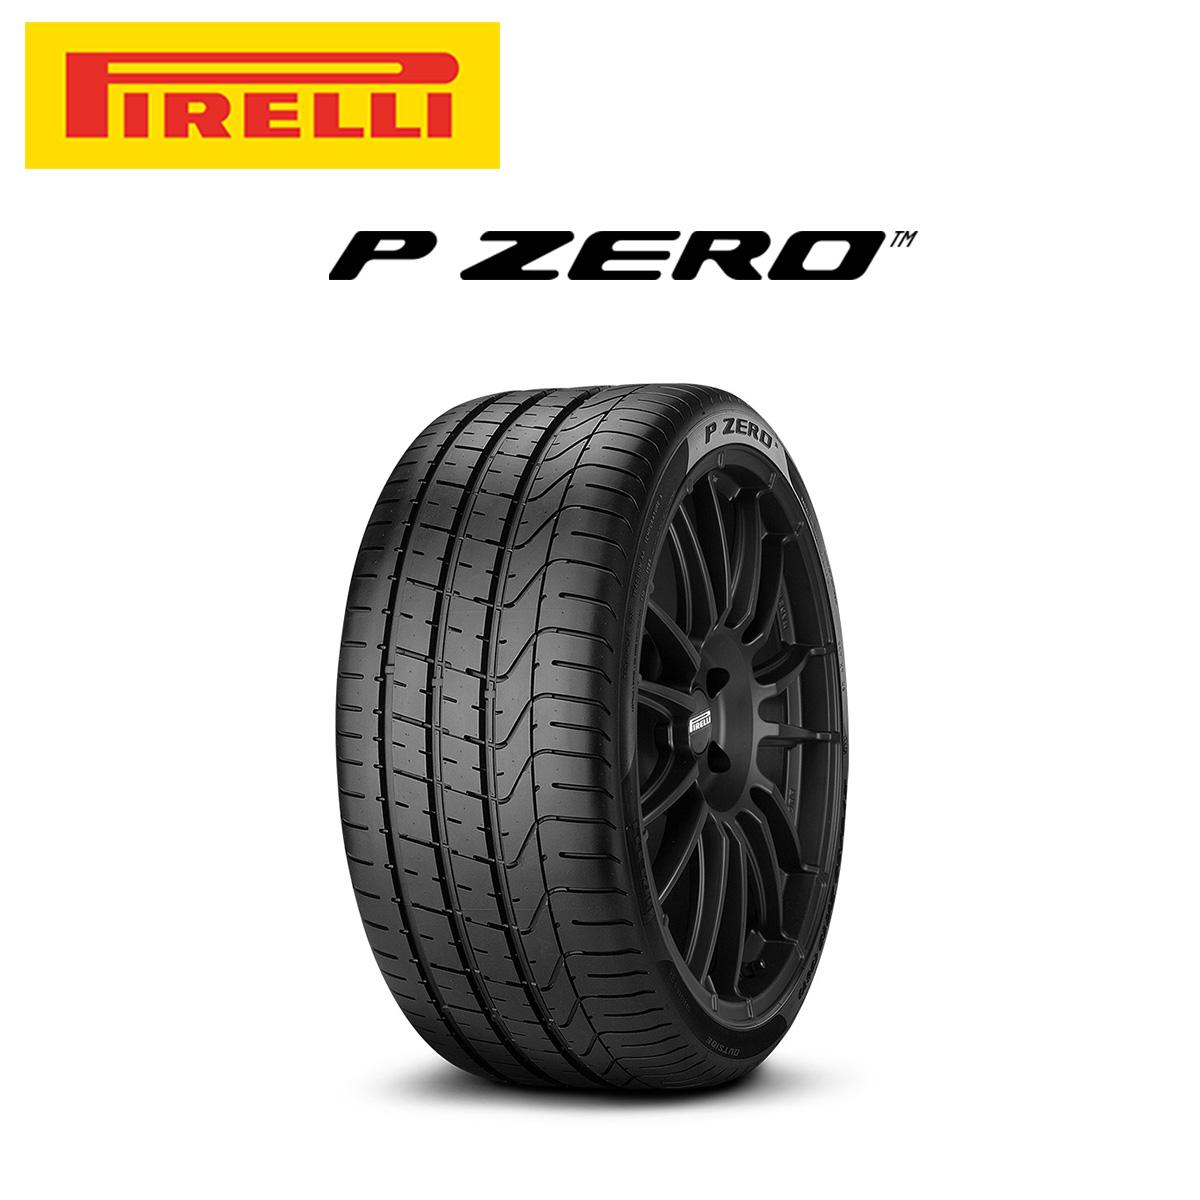 ピレリ PIRELLI P ZERO ピーゼロ 20インチ サマー タイヤ 1本 255/40R20 101W XL MO:メルセデスベンツ承認タイヤ 1767400